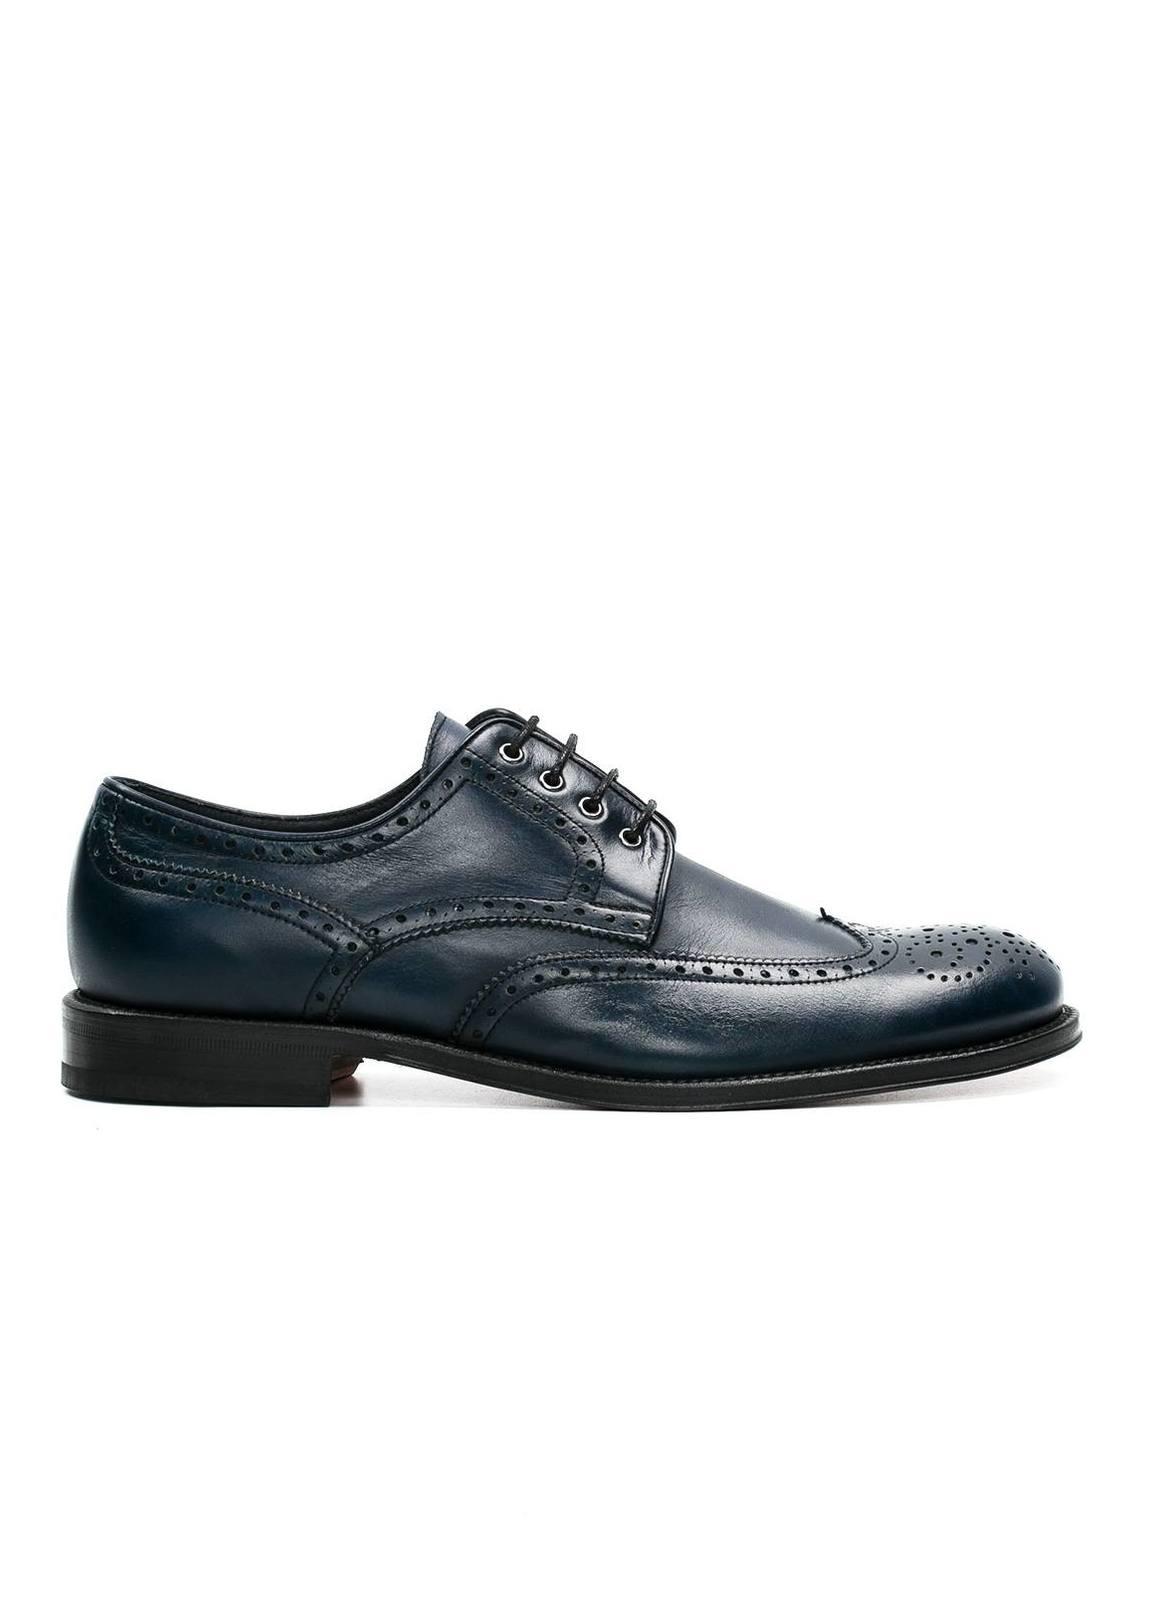 Zapato Formal Wear color azul marino con detalles troquelados, 100% Piel.